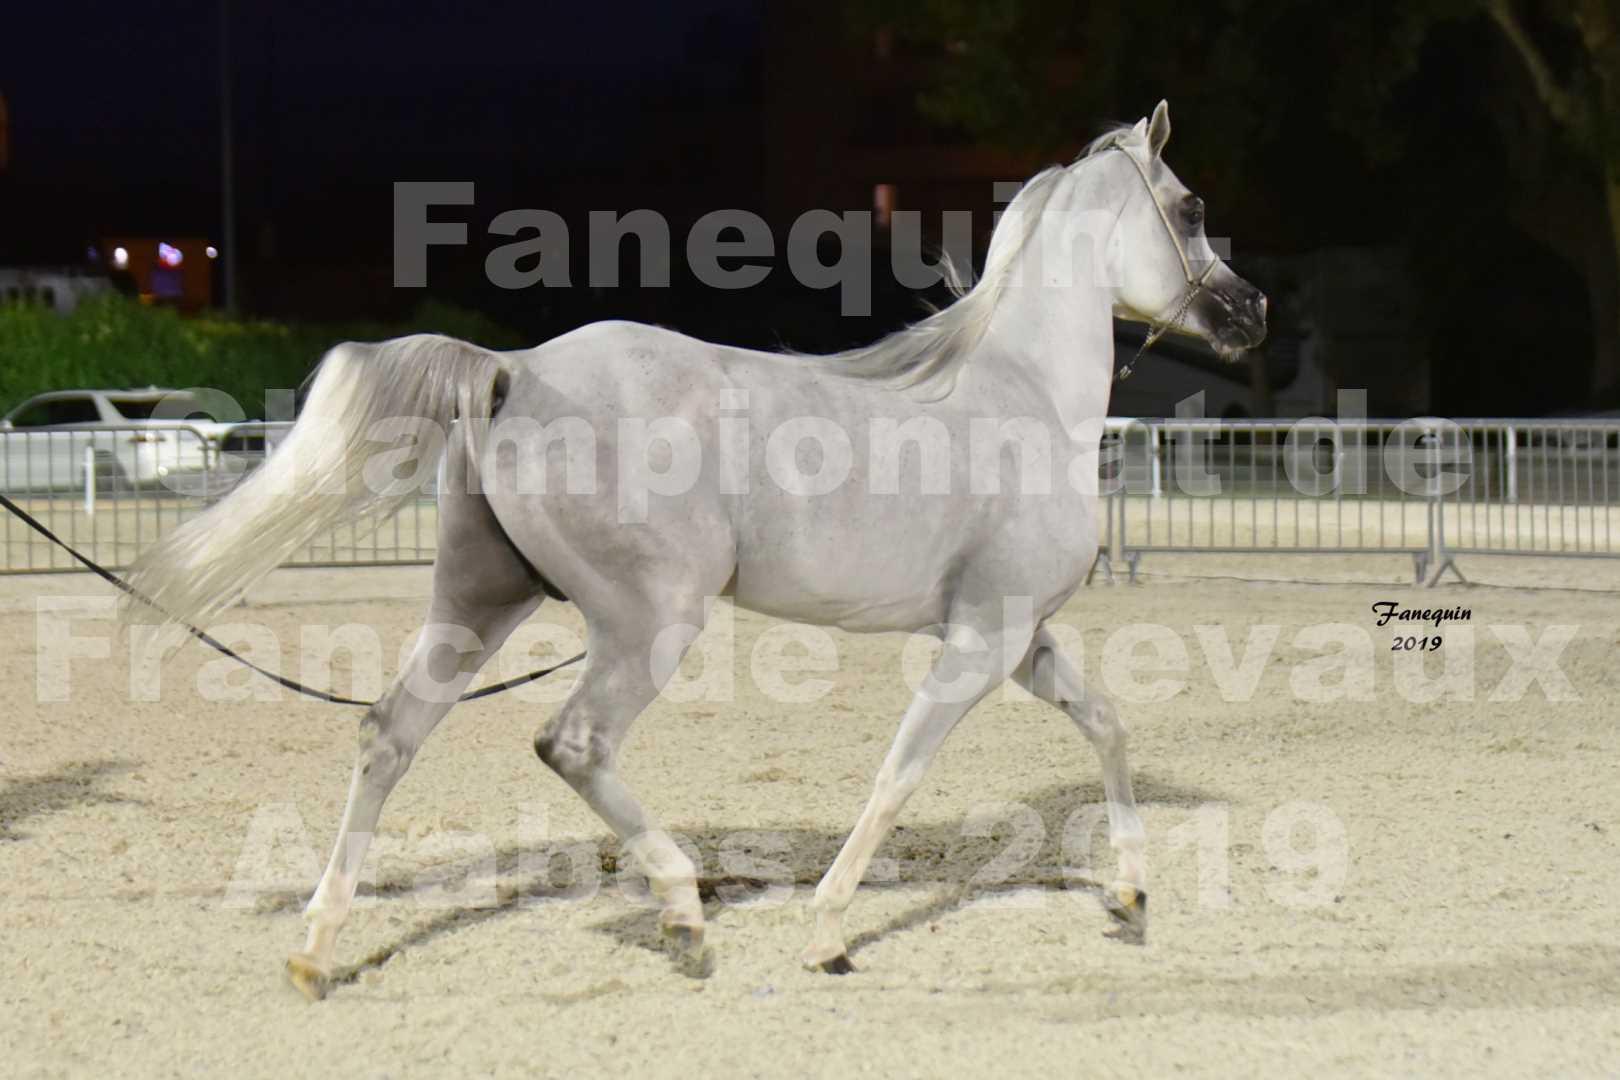 Championnat de France des chevaux Arabes en 2019 à VICHY - SHAMS EL ASHIRAF - 4